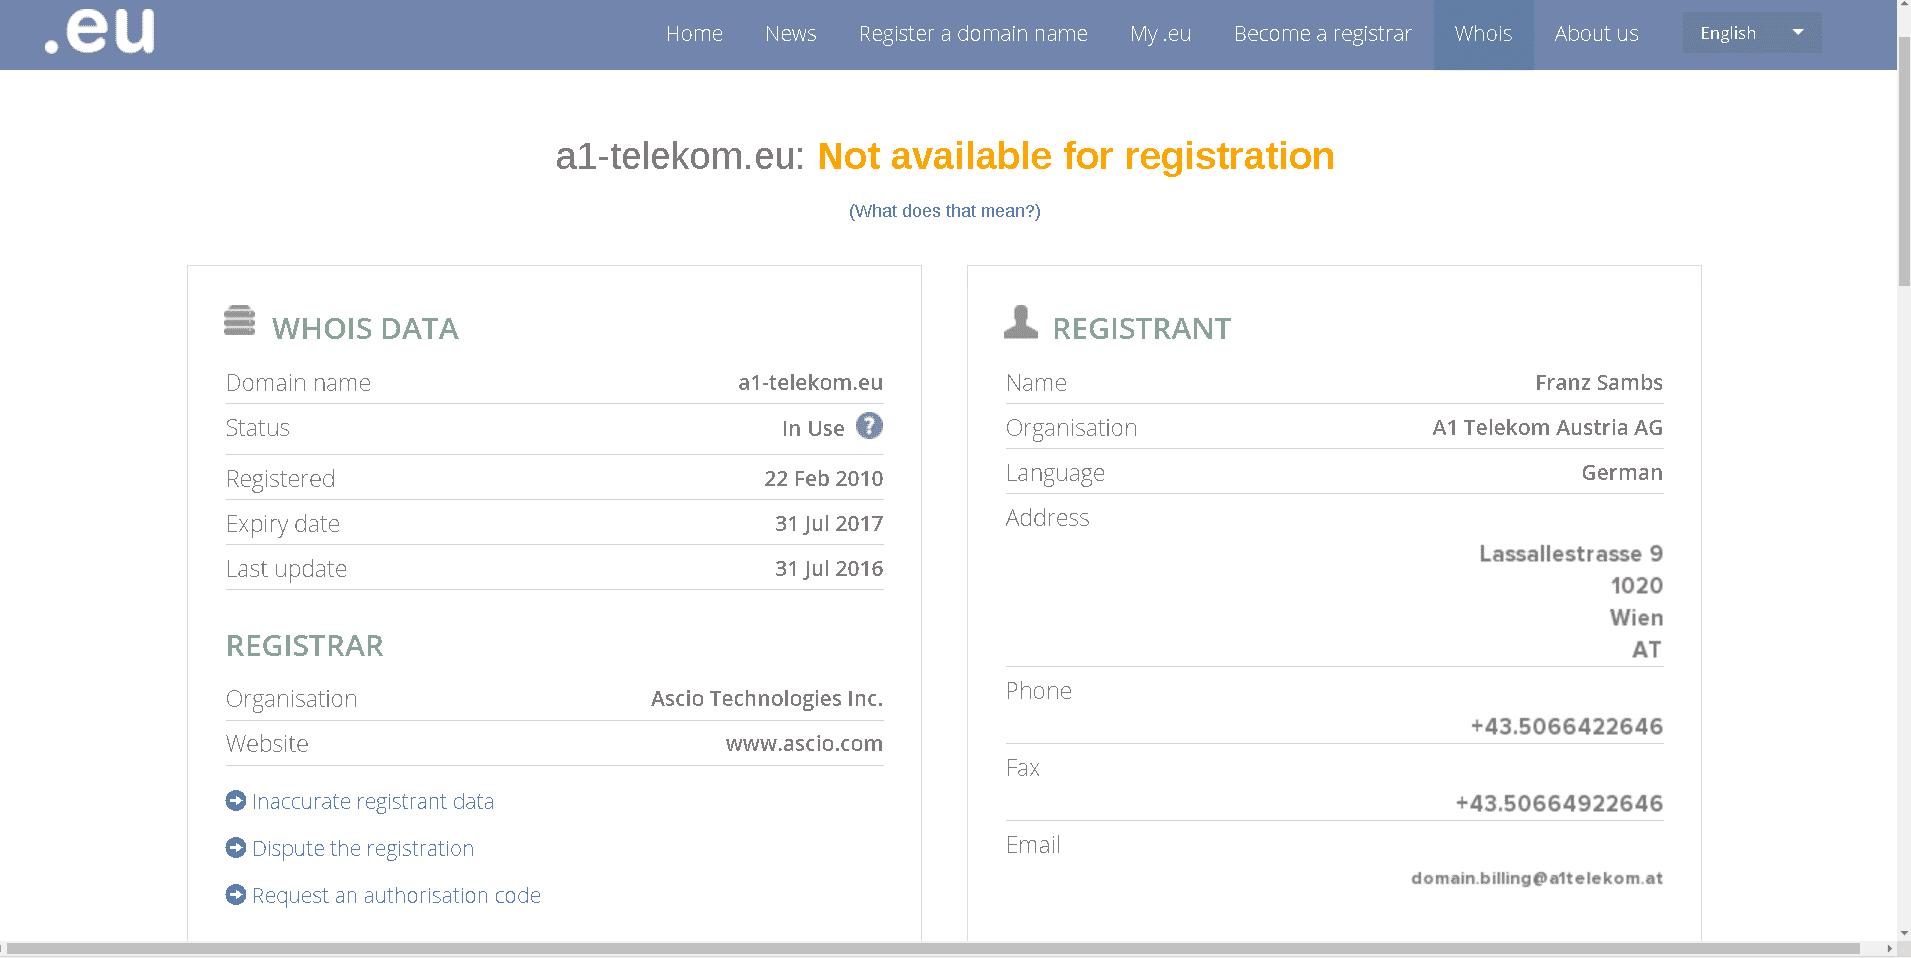 Die WHOIS-Informationen der Top-Level-Domain .eu werden als Bild ausgeliefert, um Spammern das automatisierte Abgreifen der persönlichen Daten zu erschweren.